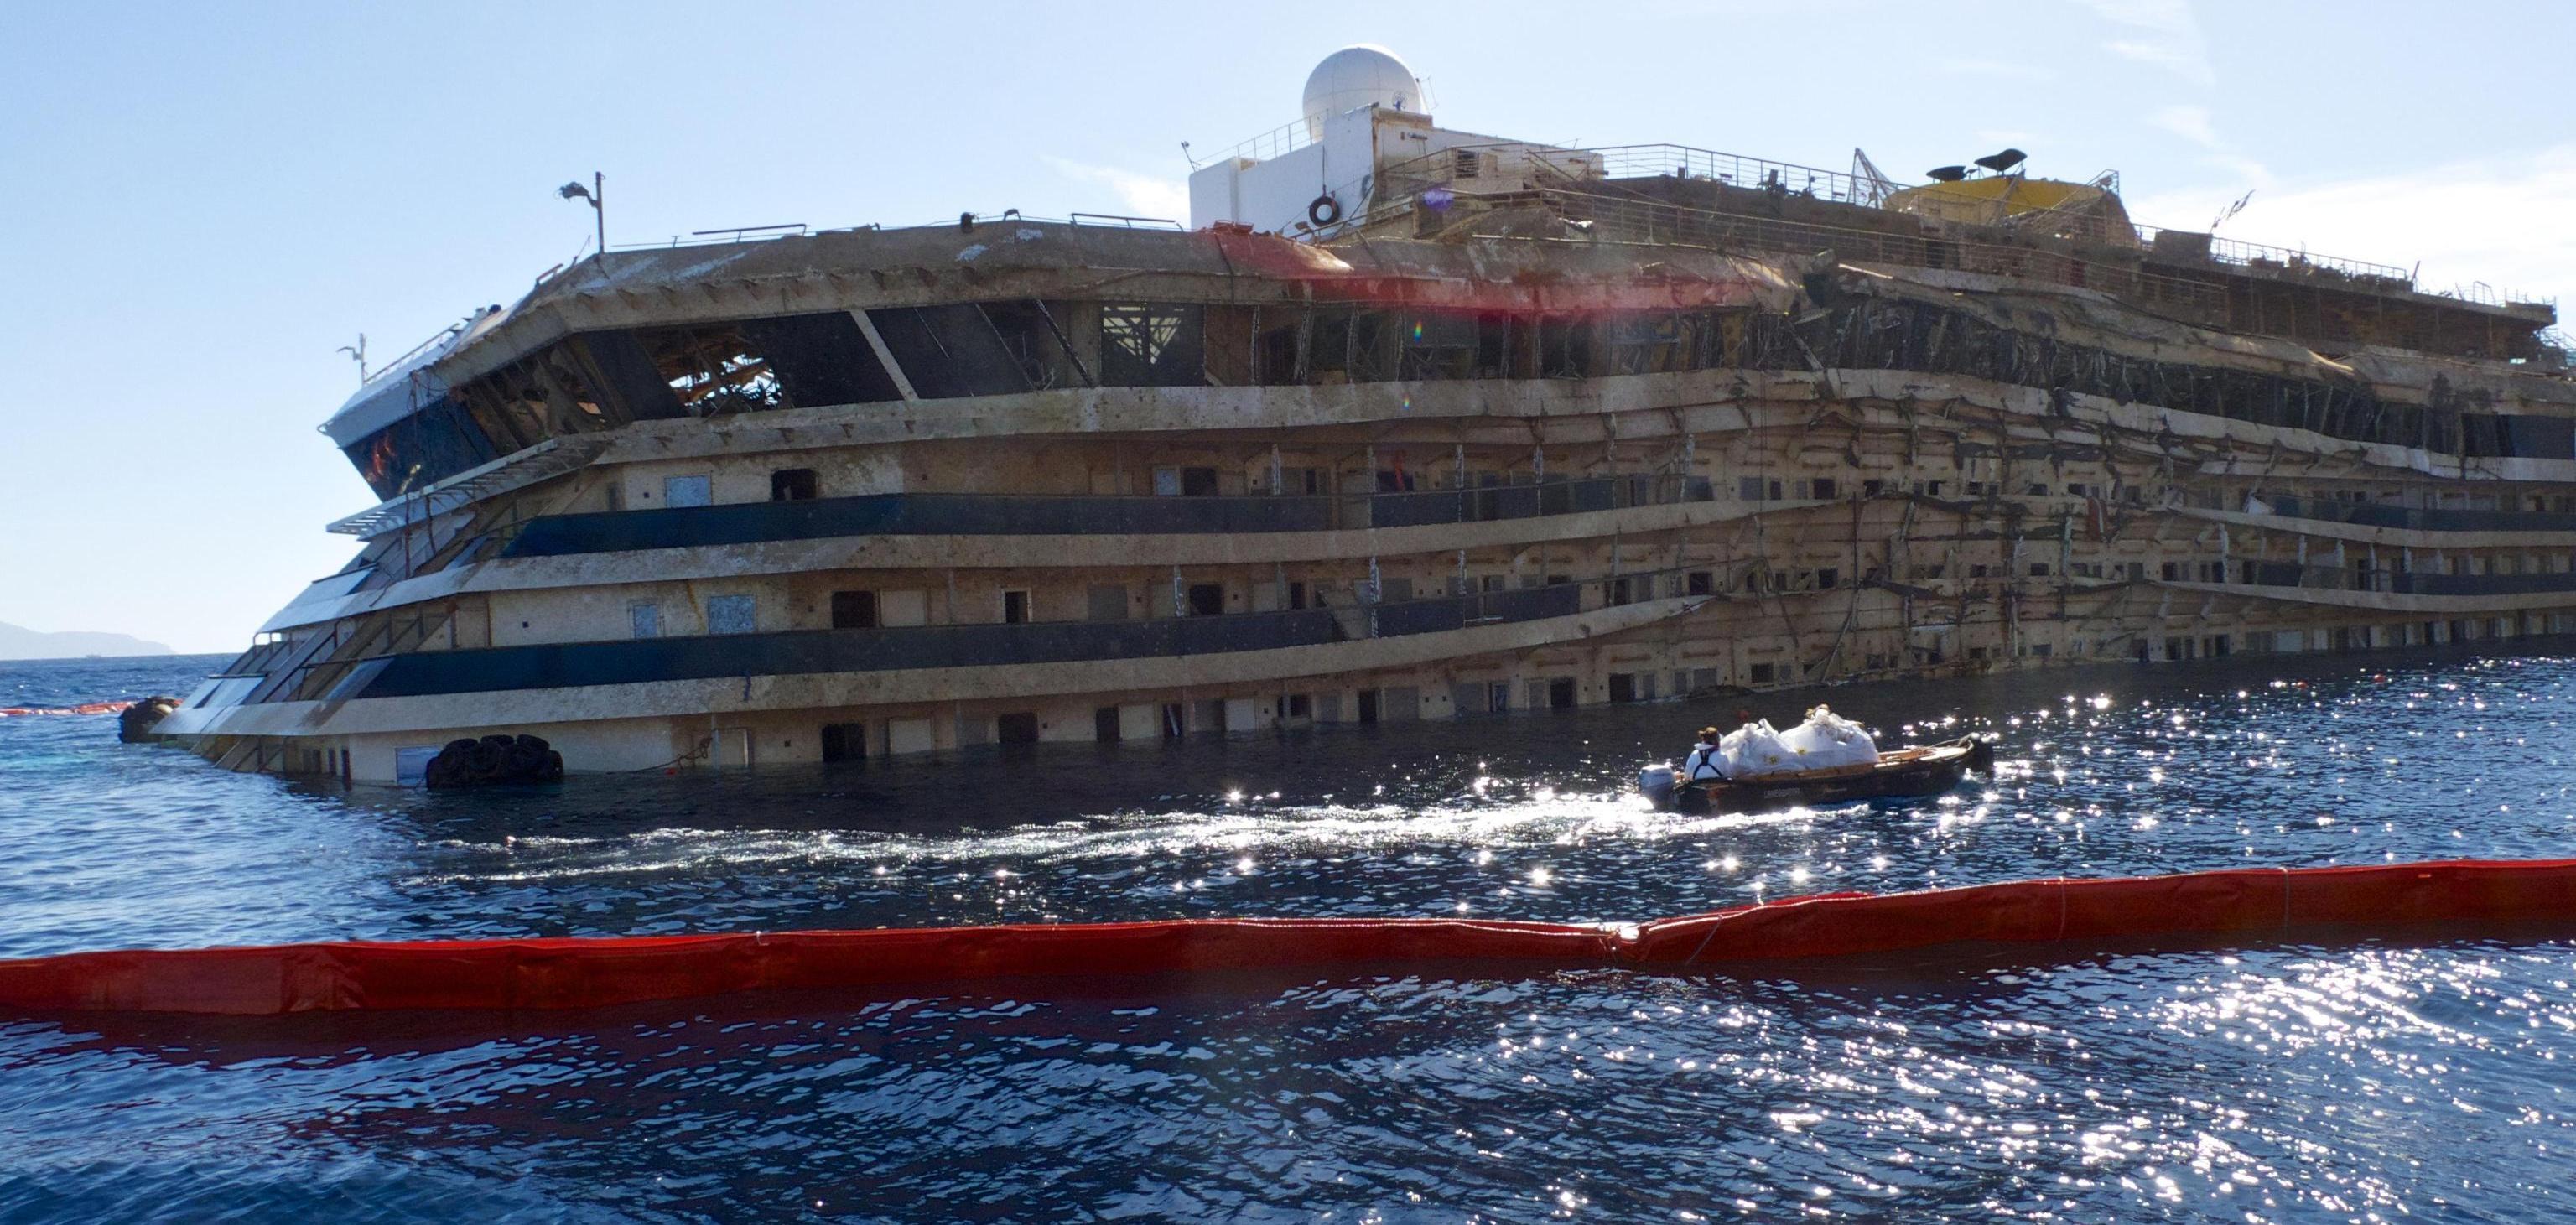 Processo concordia in aula la ricostruzione del naufragio for Cabine di giglio selvatico